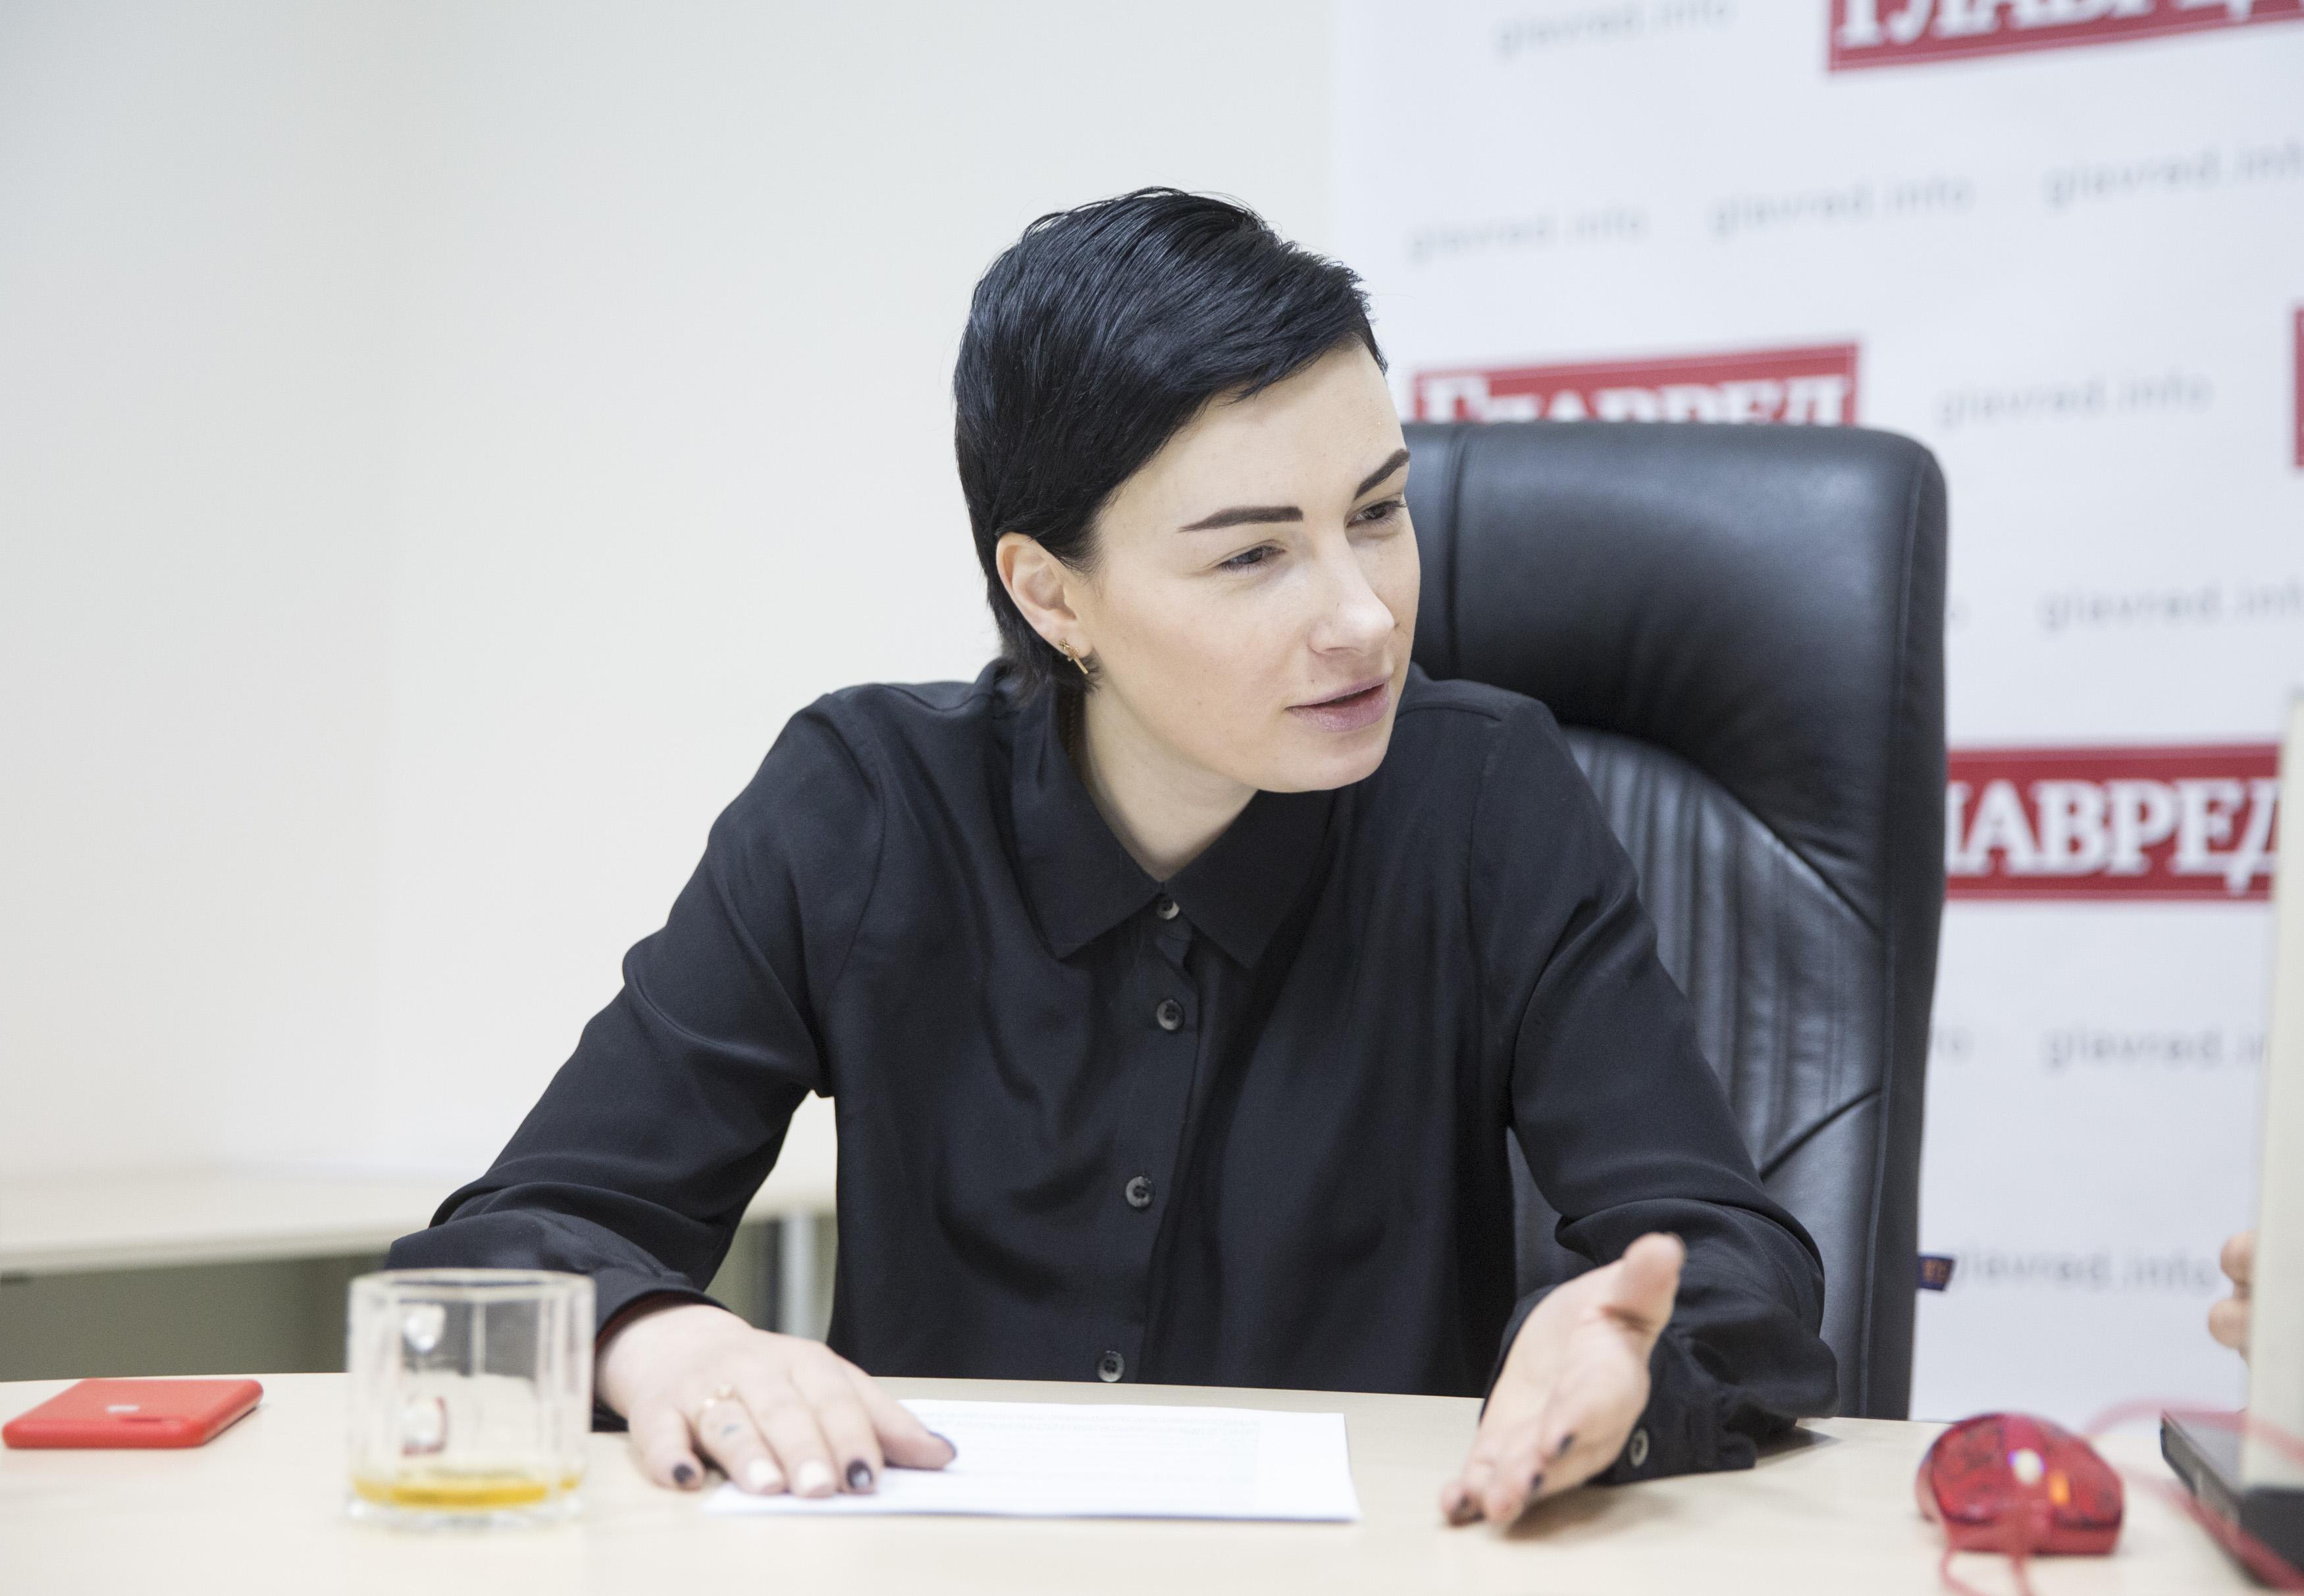 Россия является недогосударством, биомассой какой-то, считает Анастасия Приходько